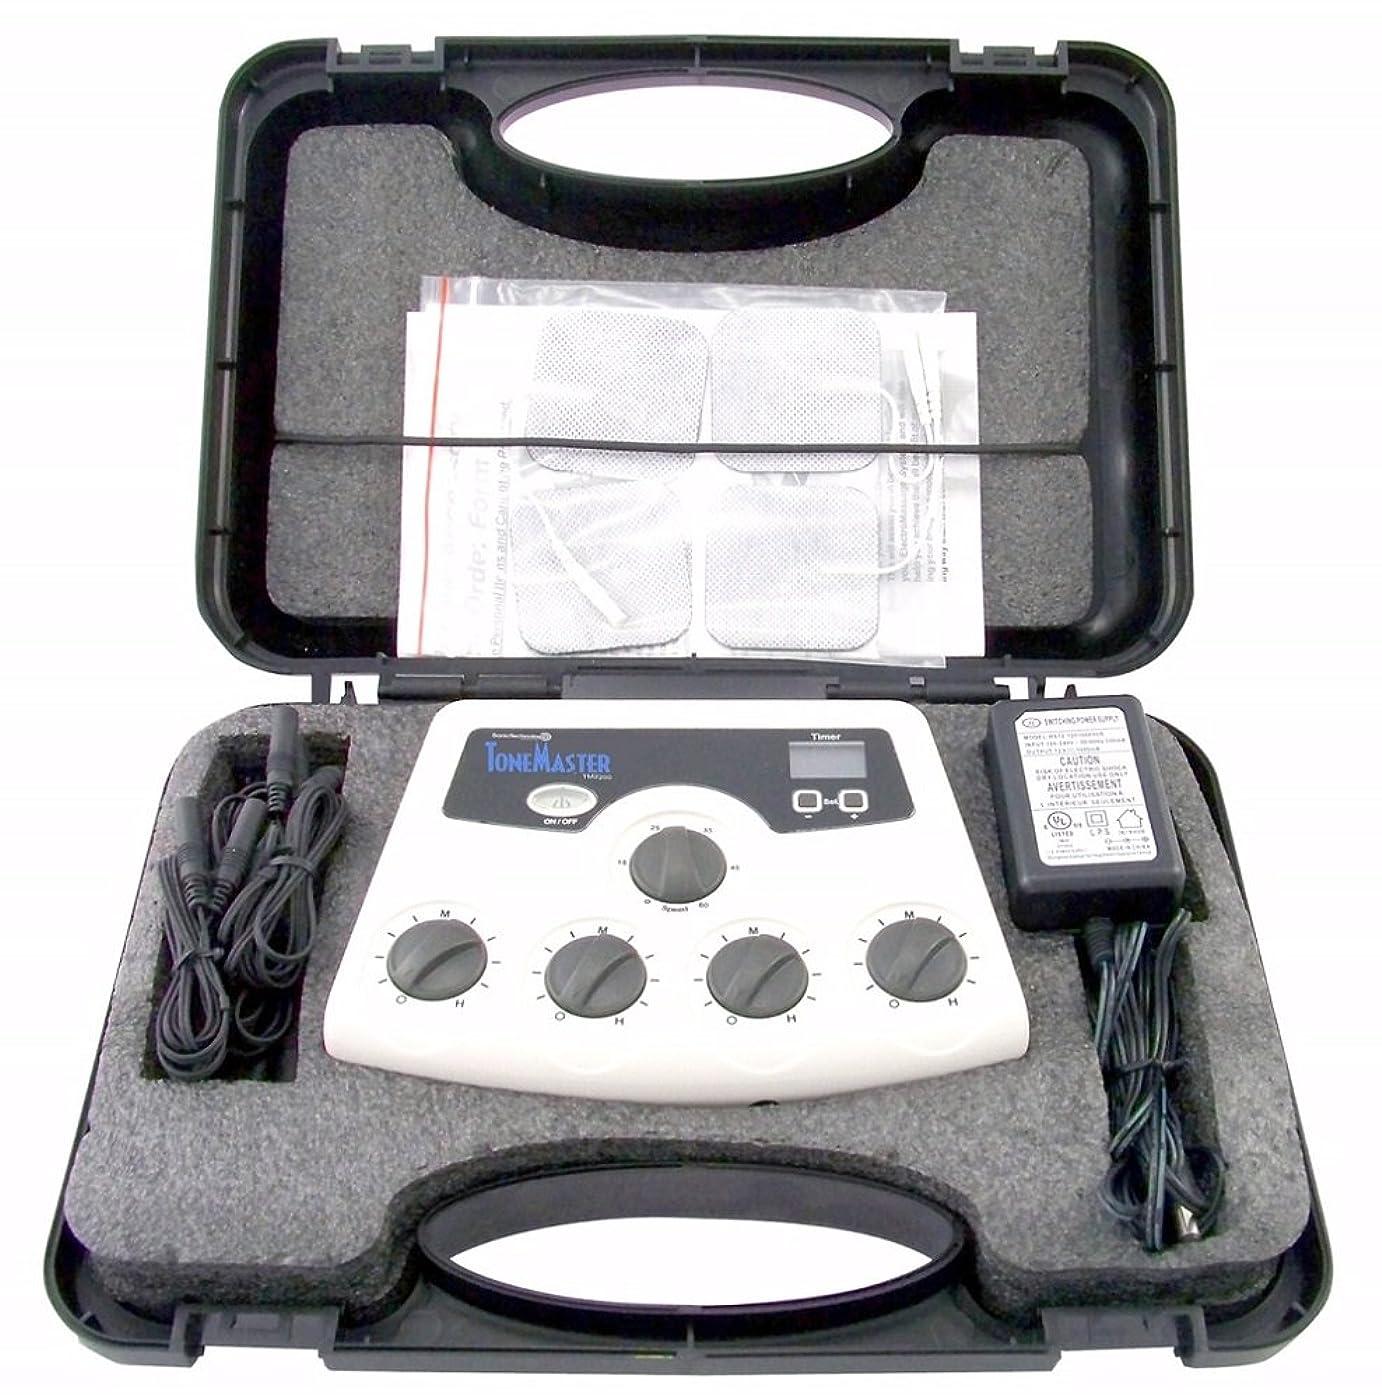 便益安息キリスト教【米国ソニックテクノロジー社開発】 ポータブルで屋外でも使えるEMS TM-2200 【正規ルート輸入品】